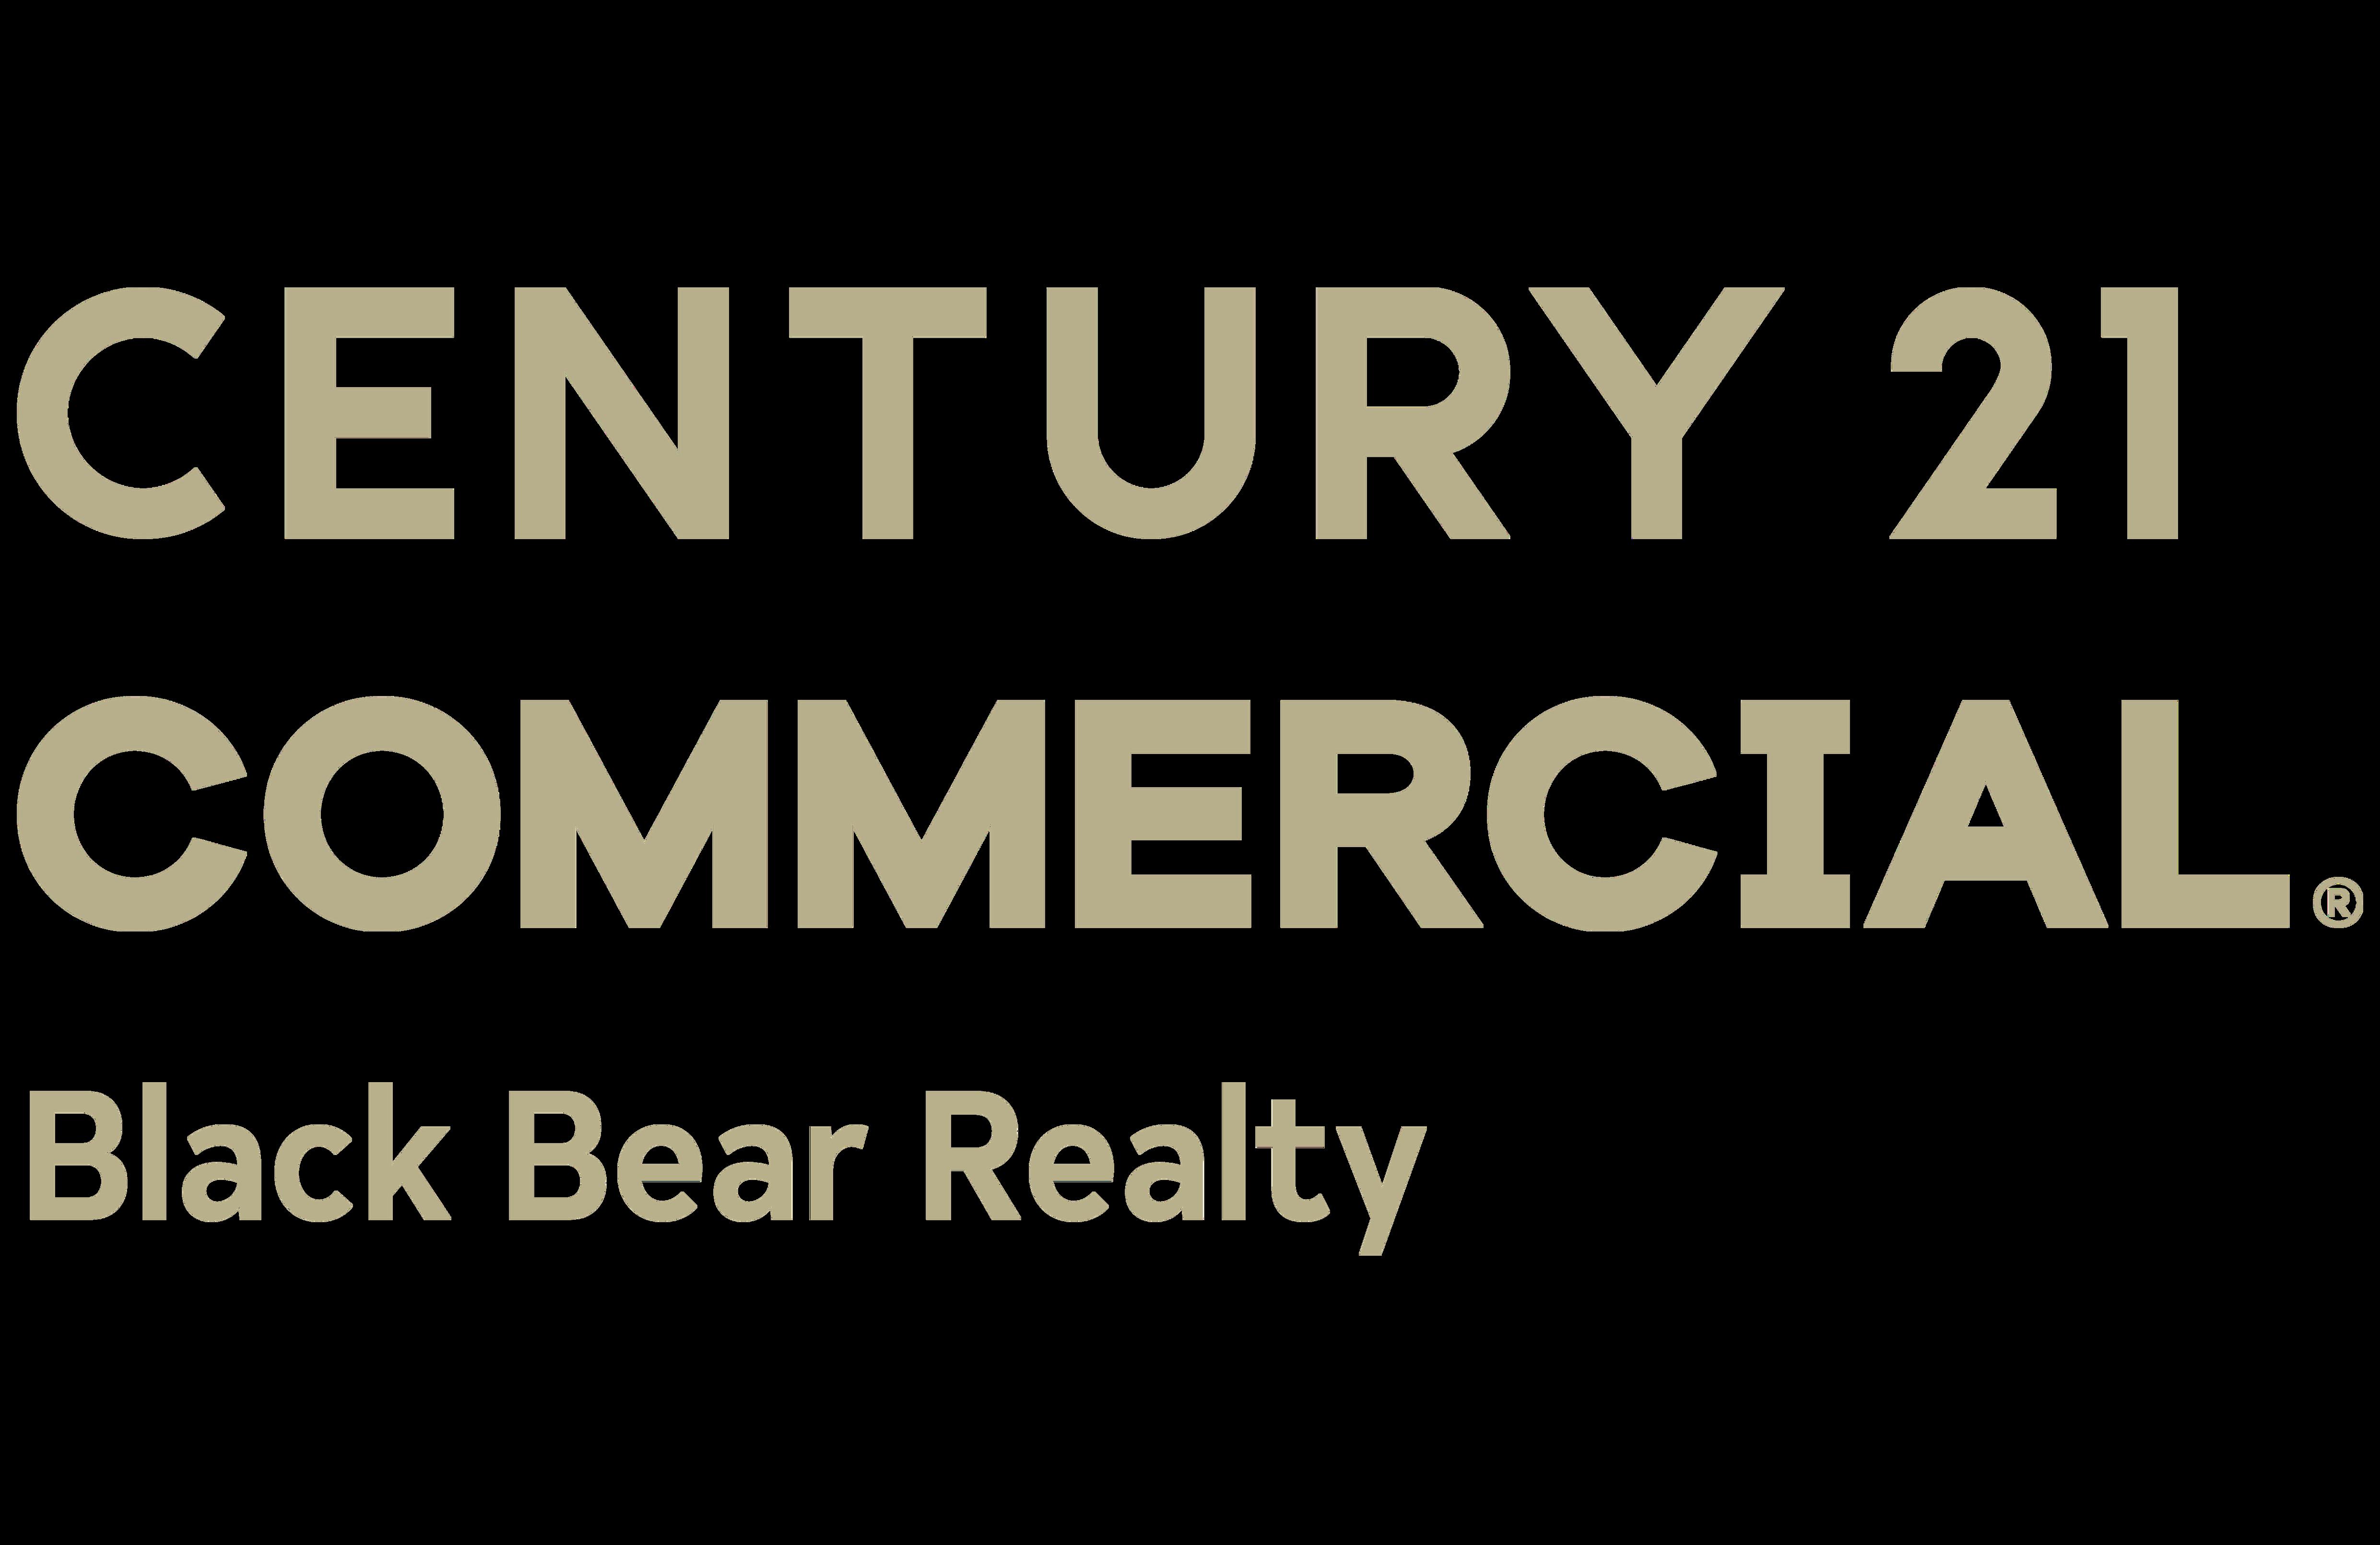 CENTURY 21 Black Bear Realty